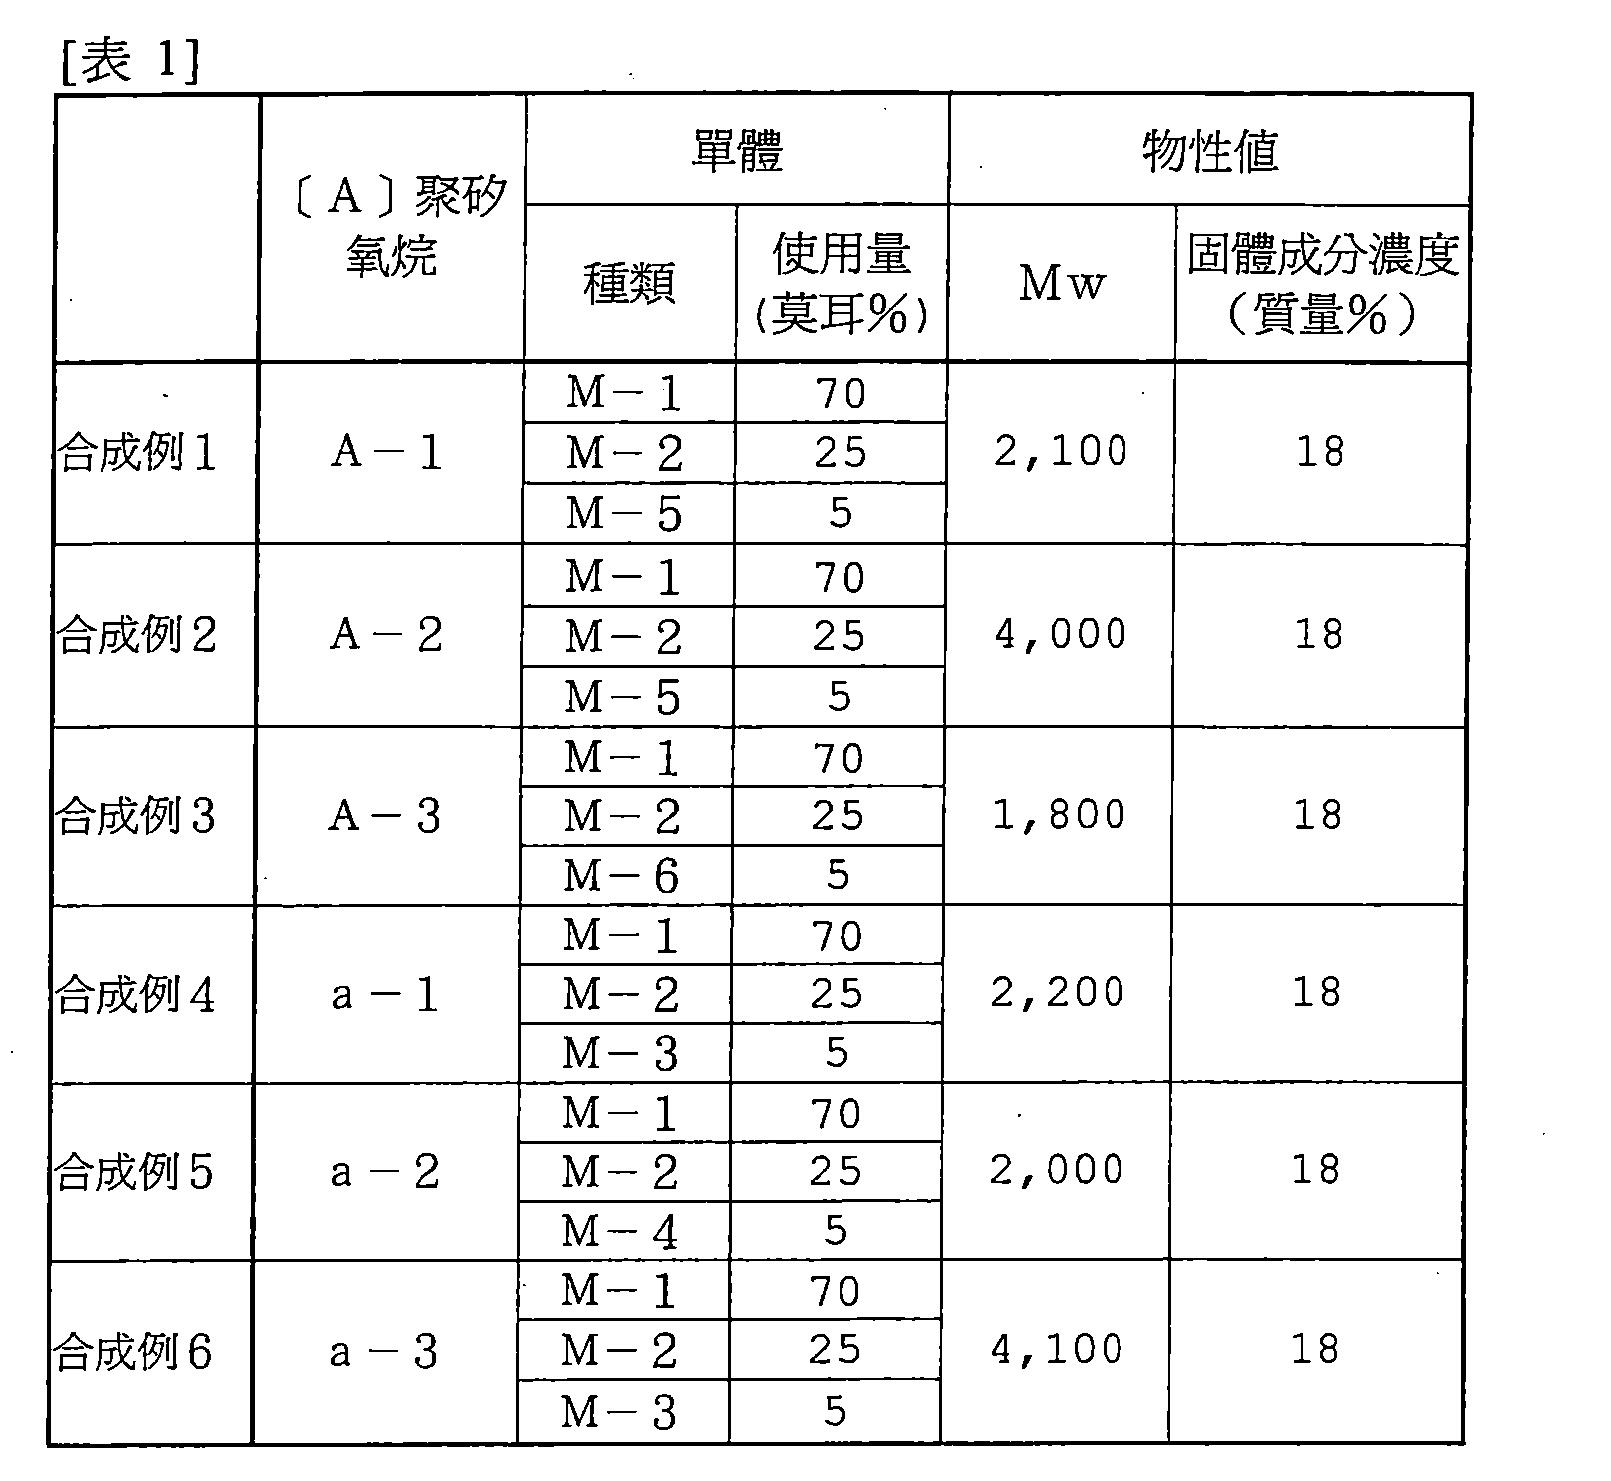 Figure TWI614582BD00008